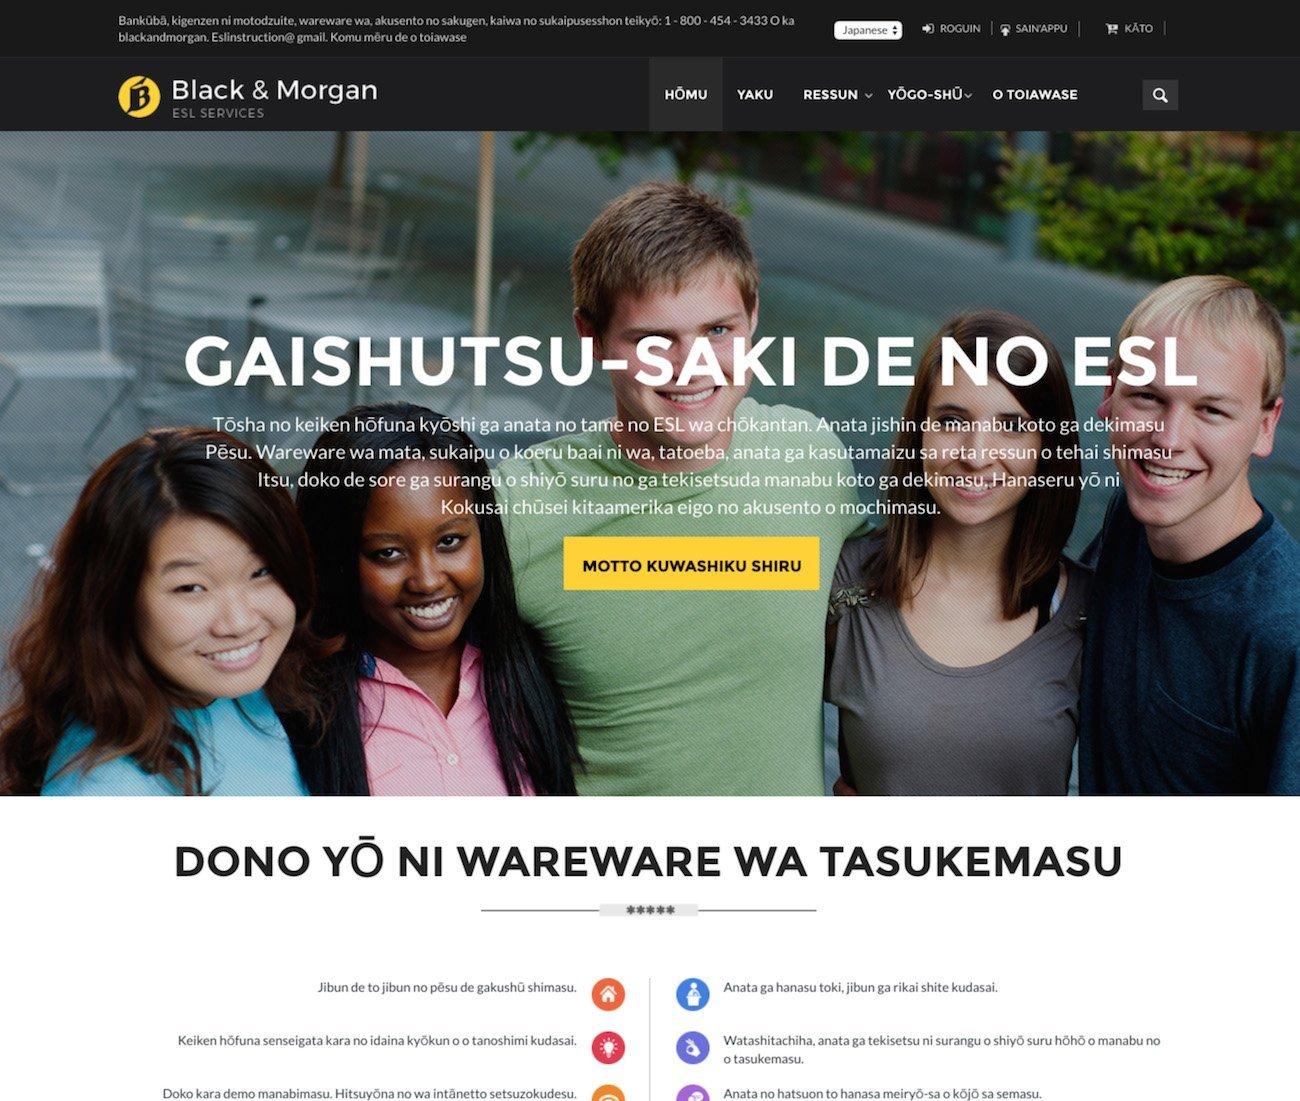 3.multi-lingual-web-design